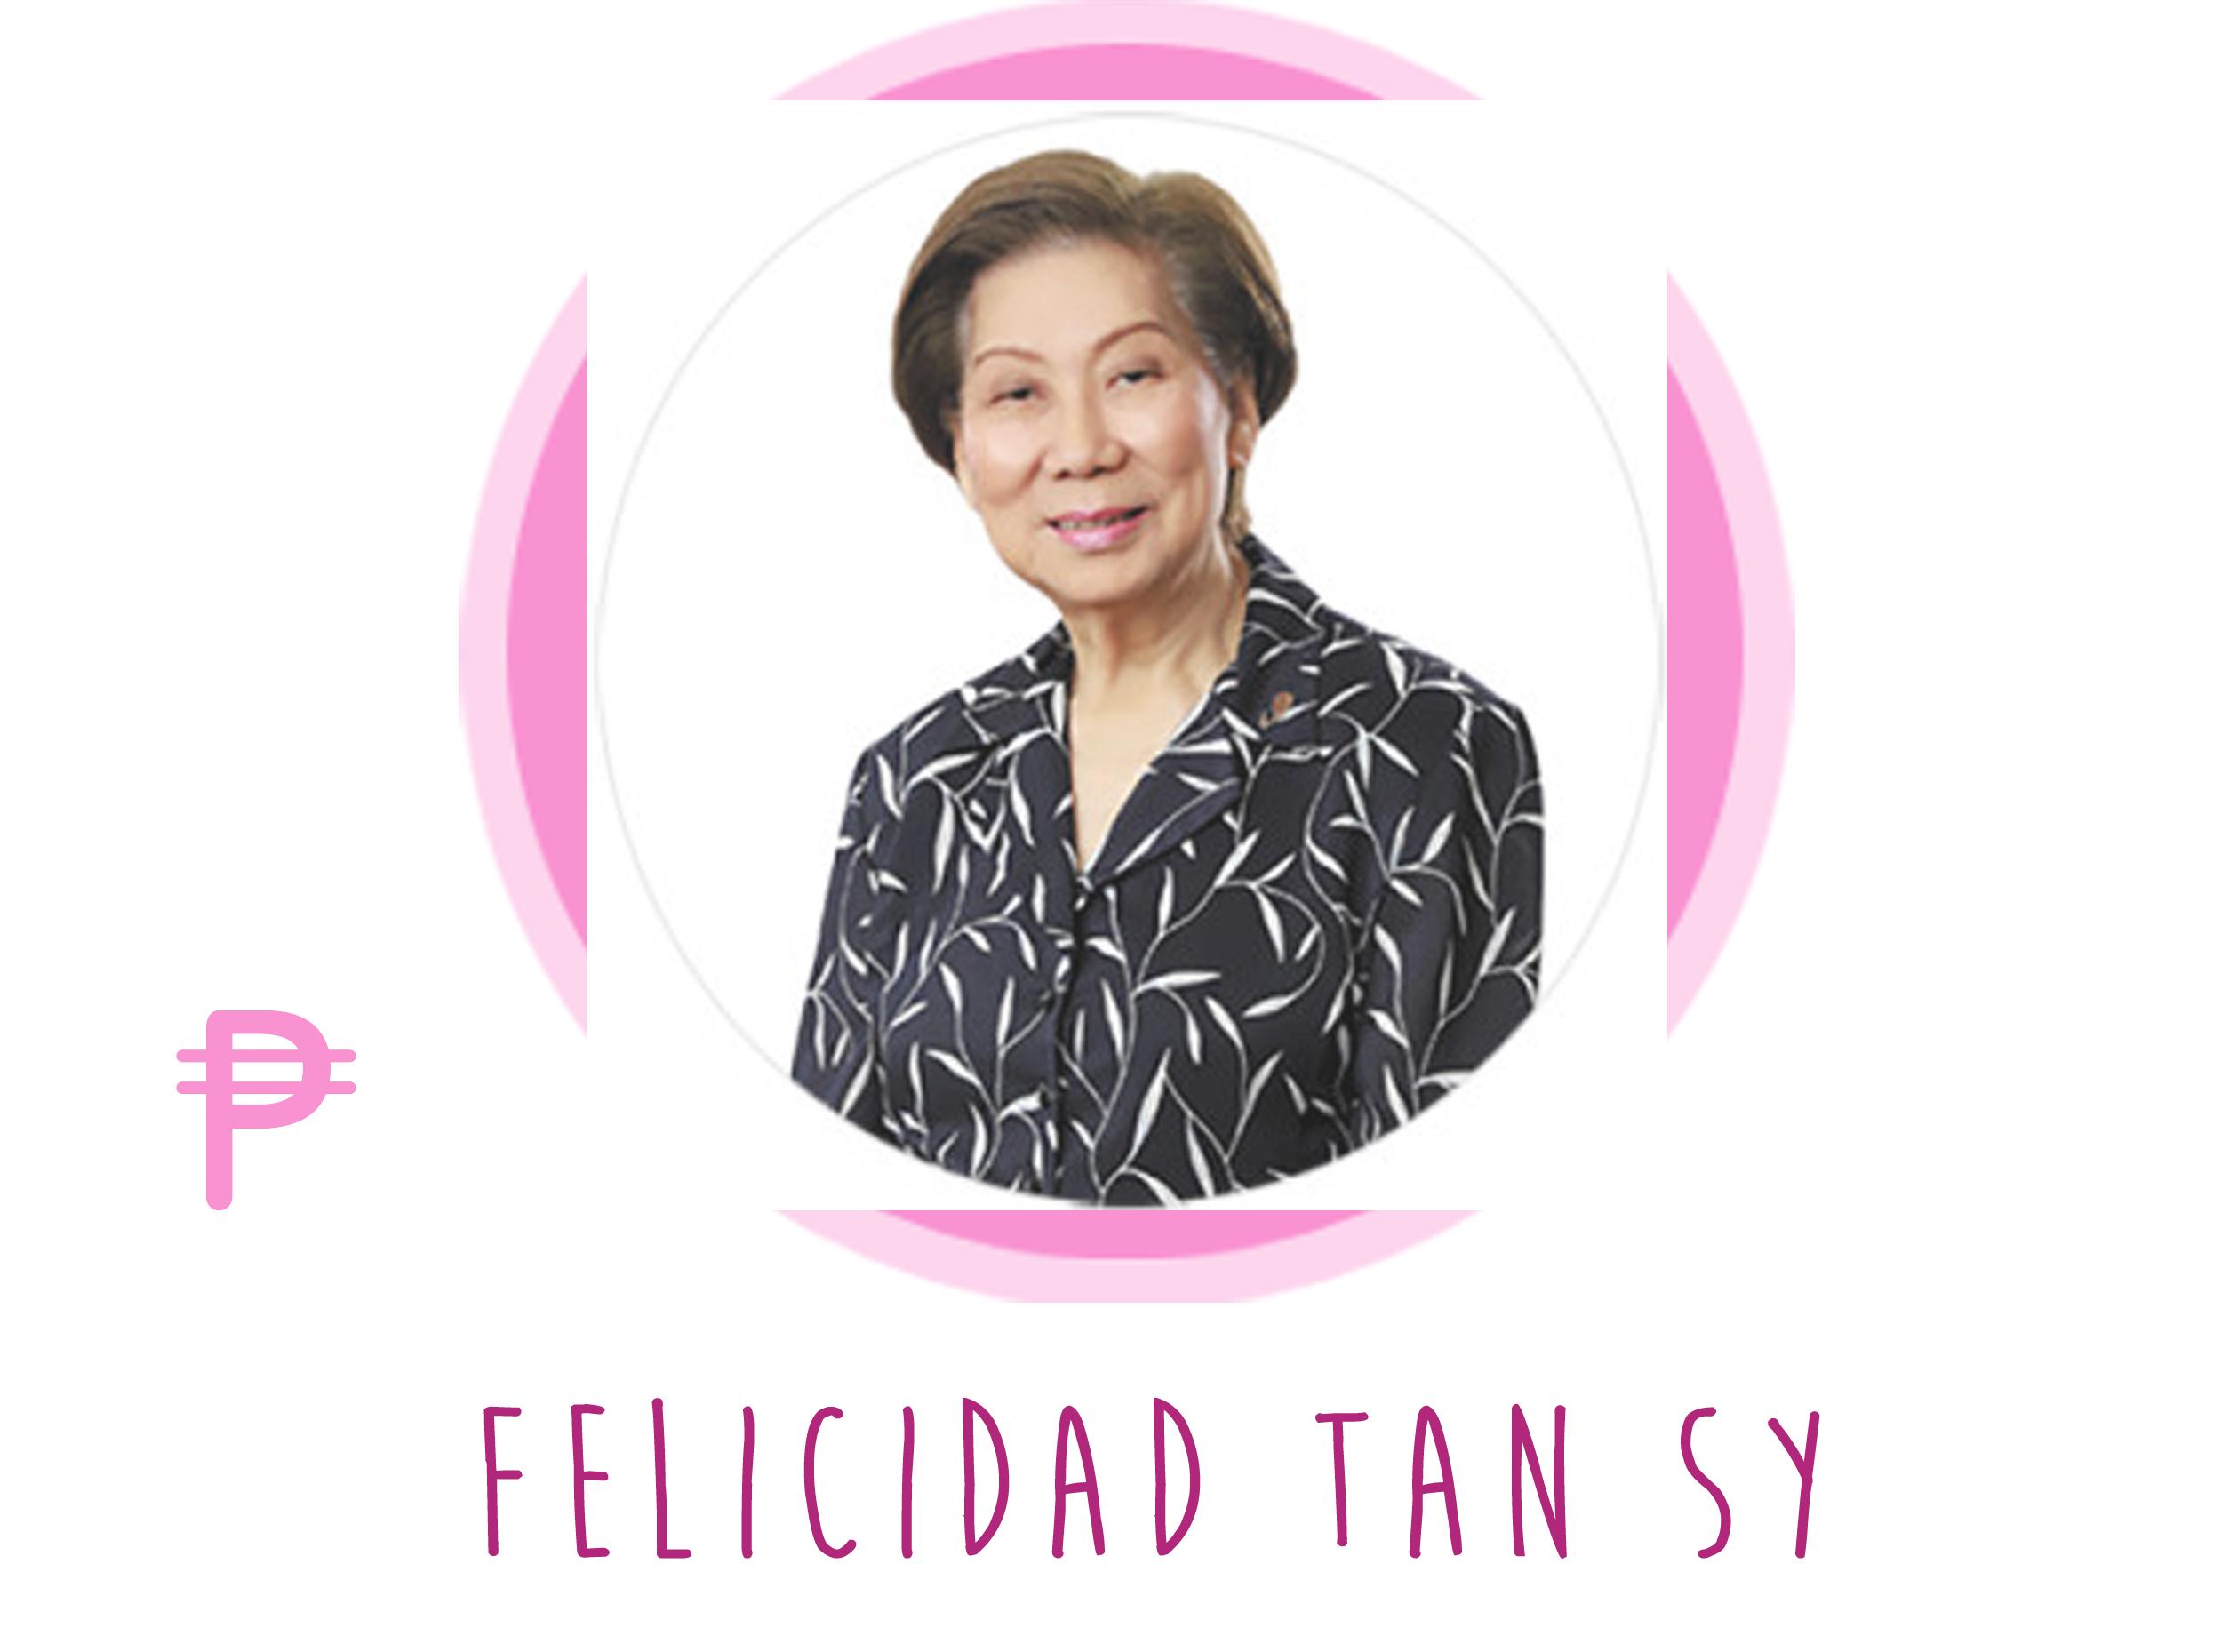 richest woman philippines